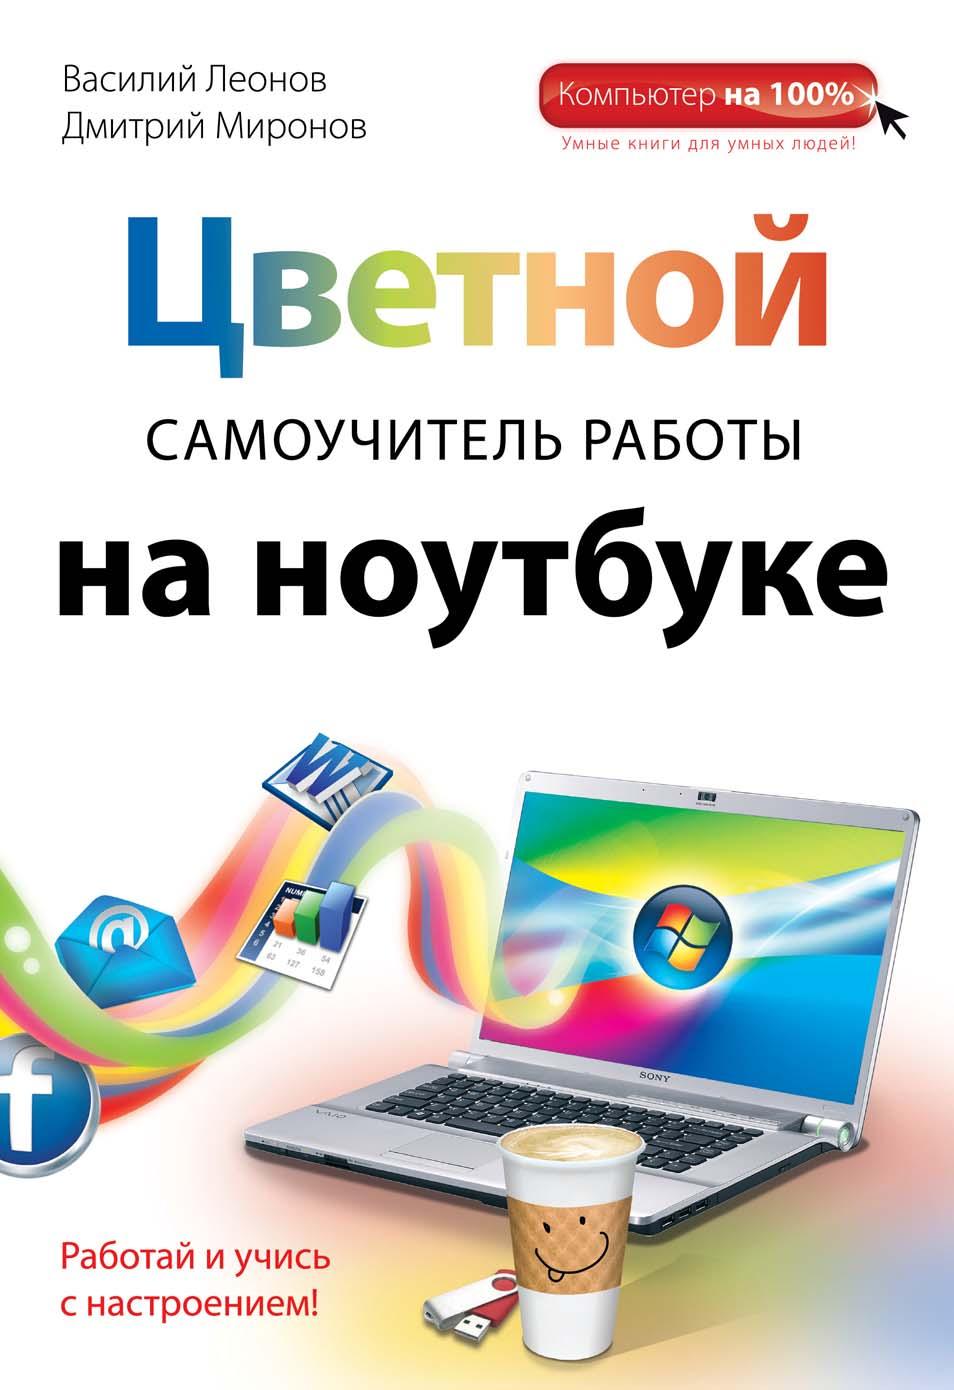 Василий Леонов Цветной самоучитель работы на ноутбуке компьютер